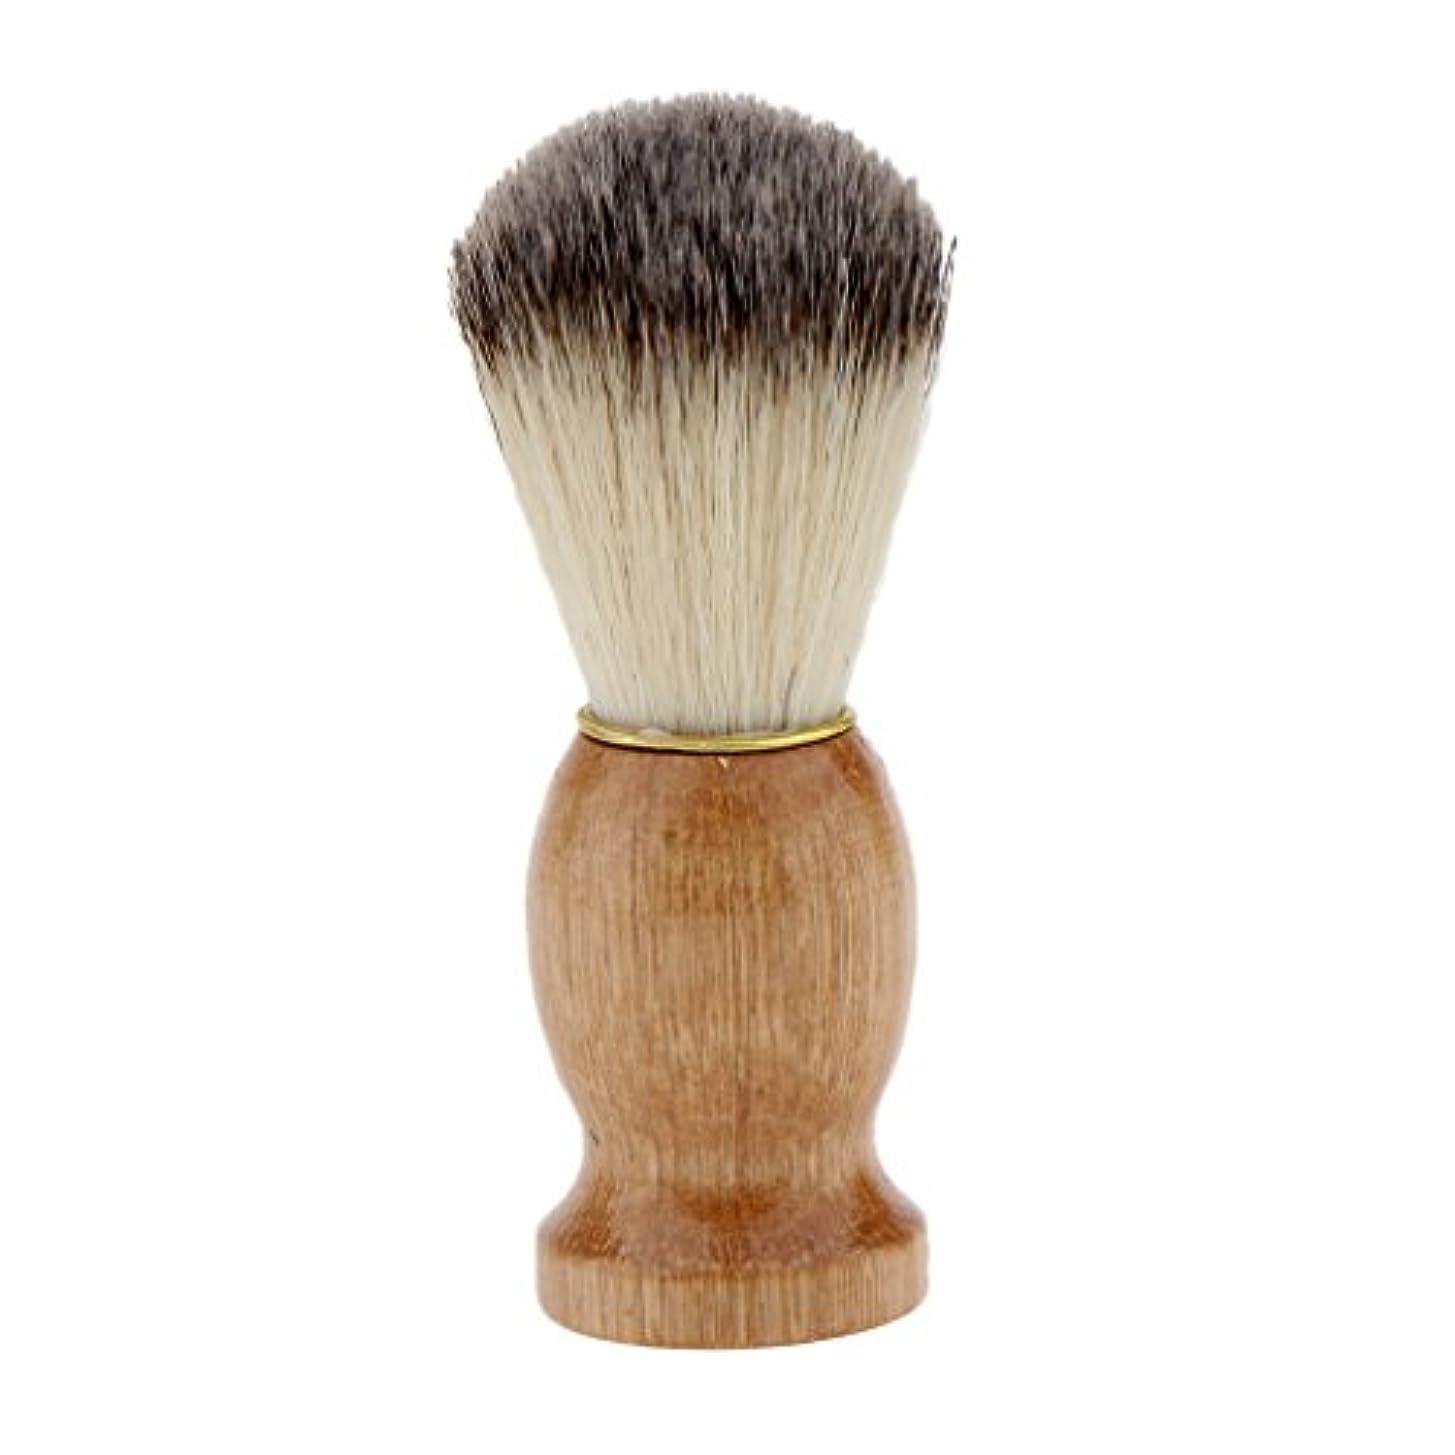 学期開発体細胞シェービングブラシ 木製ハンドル 男性 ひげ剃りブラシ ひげ クレンジング